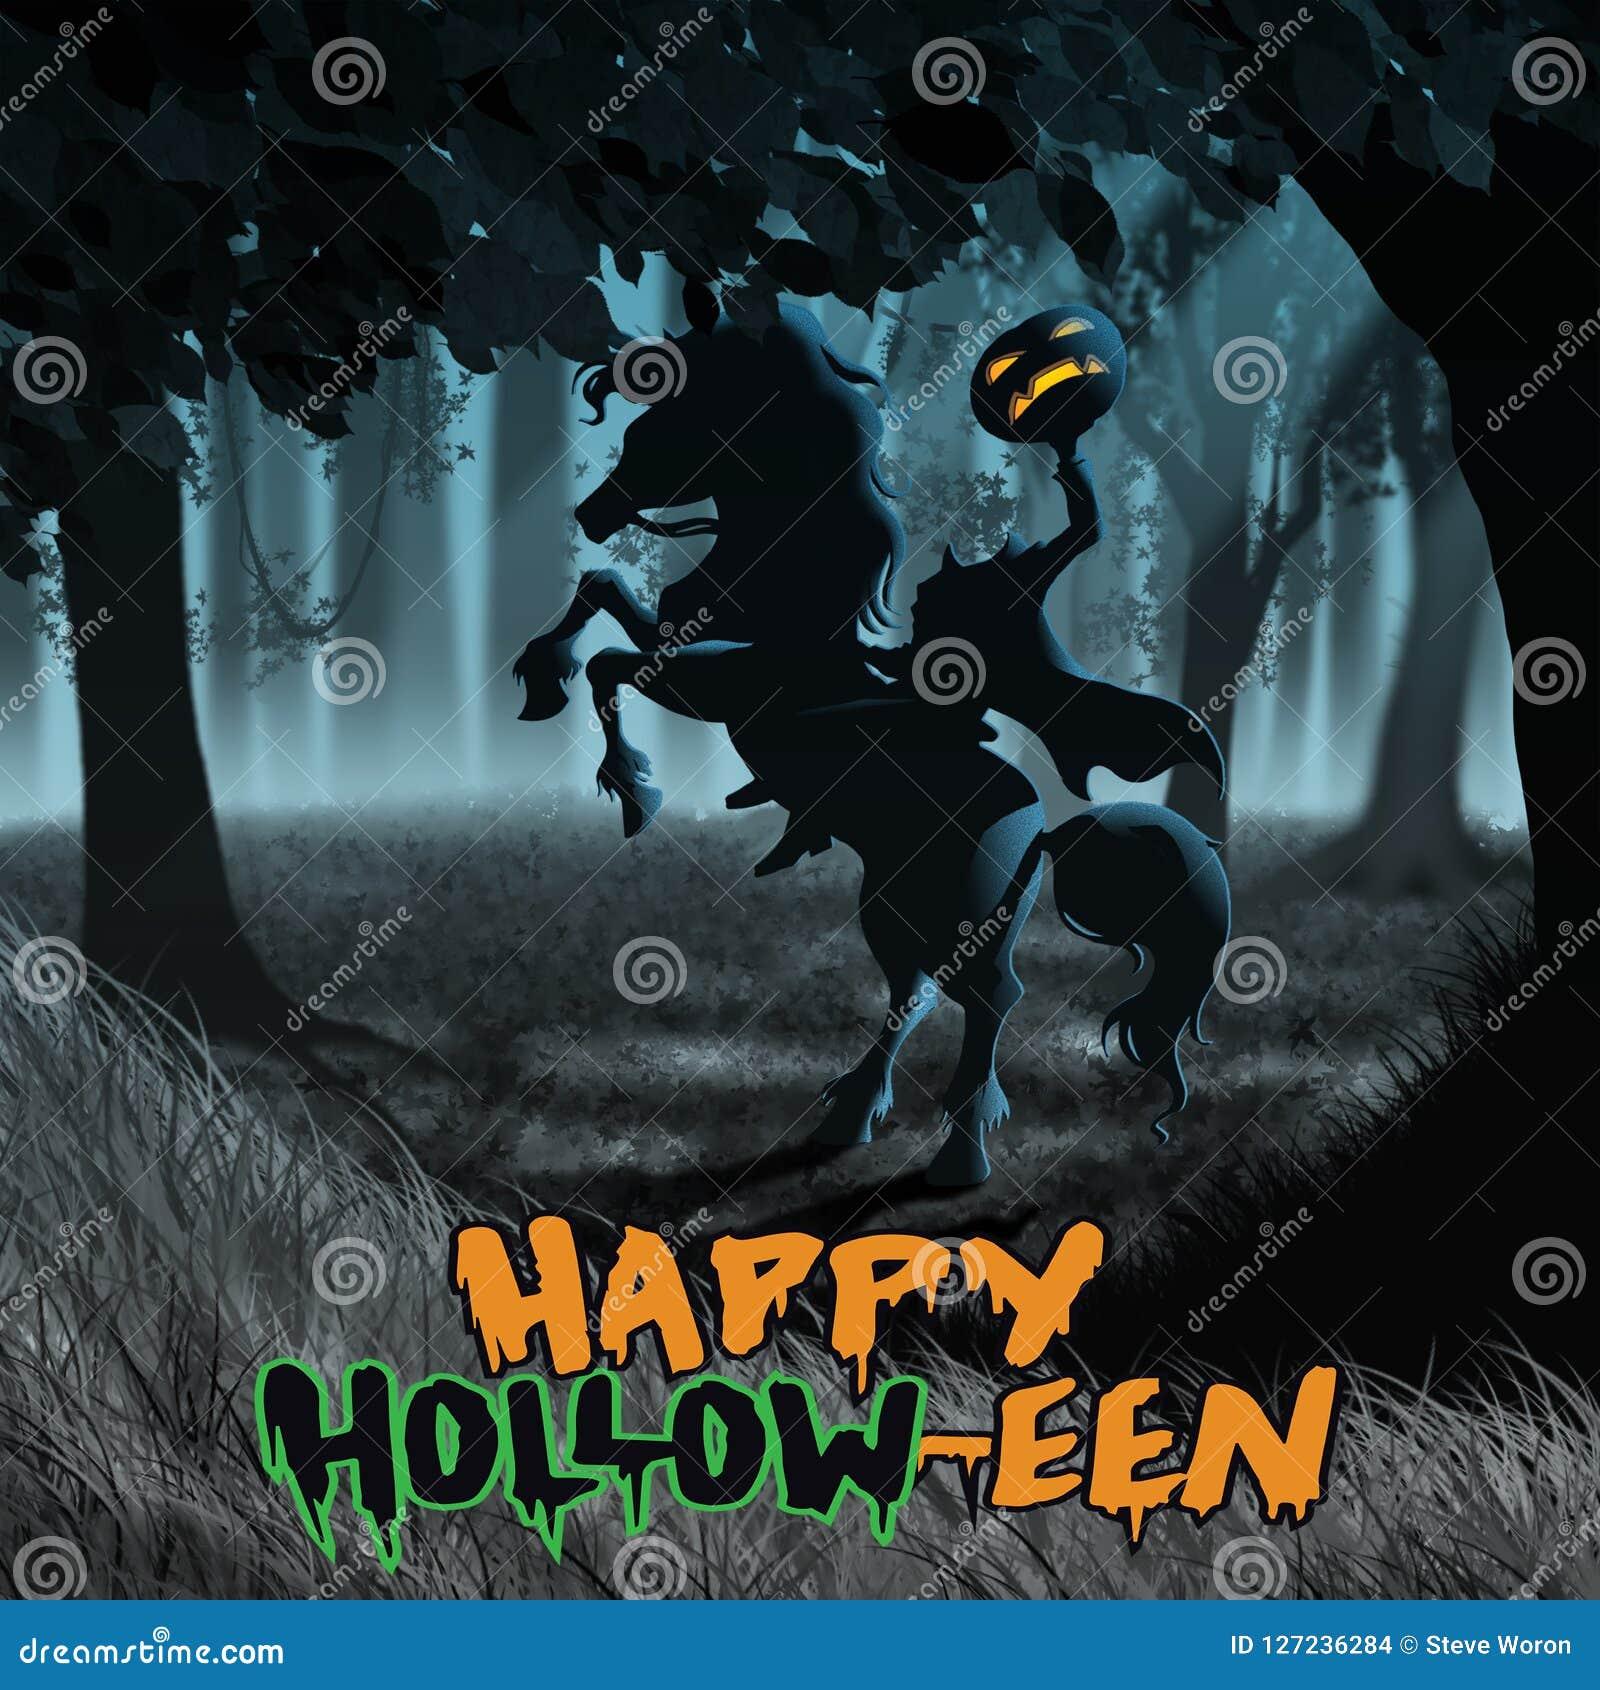 Śpiący Święci Halloweenowego Bezgłowego jeźdza